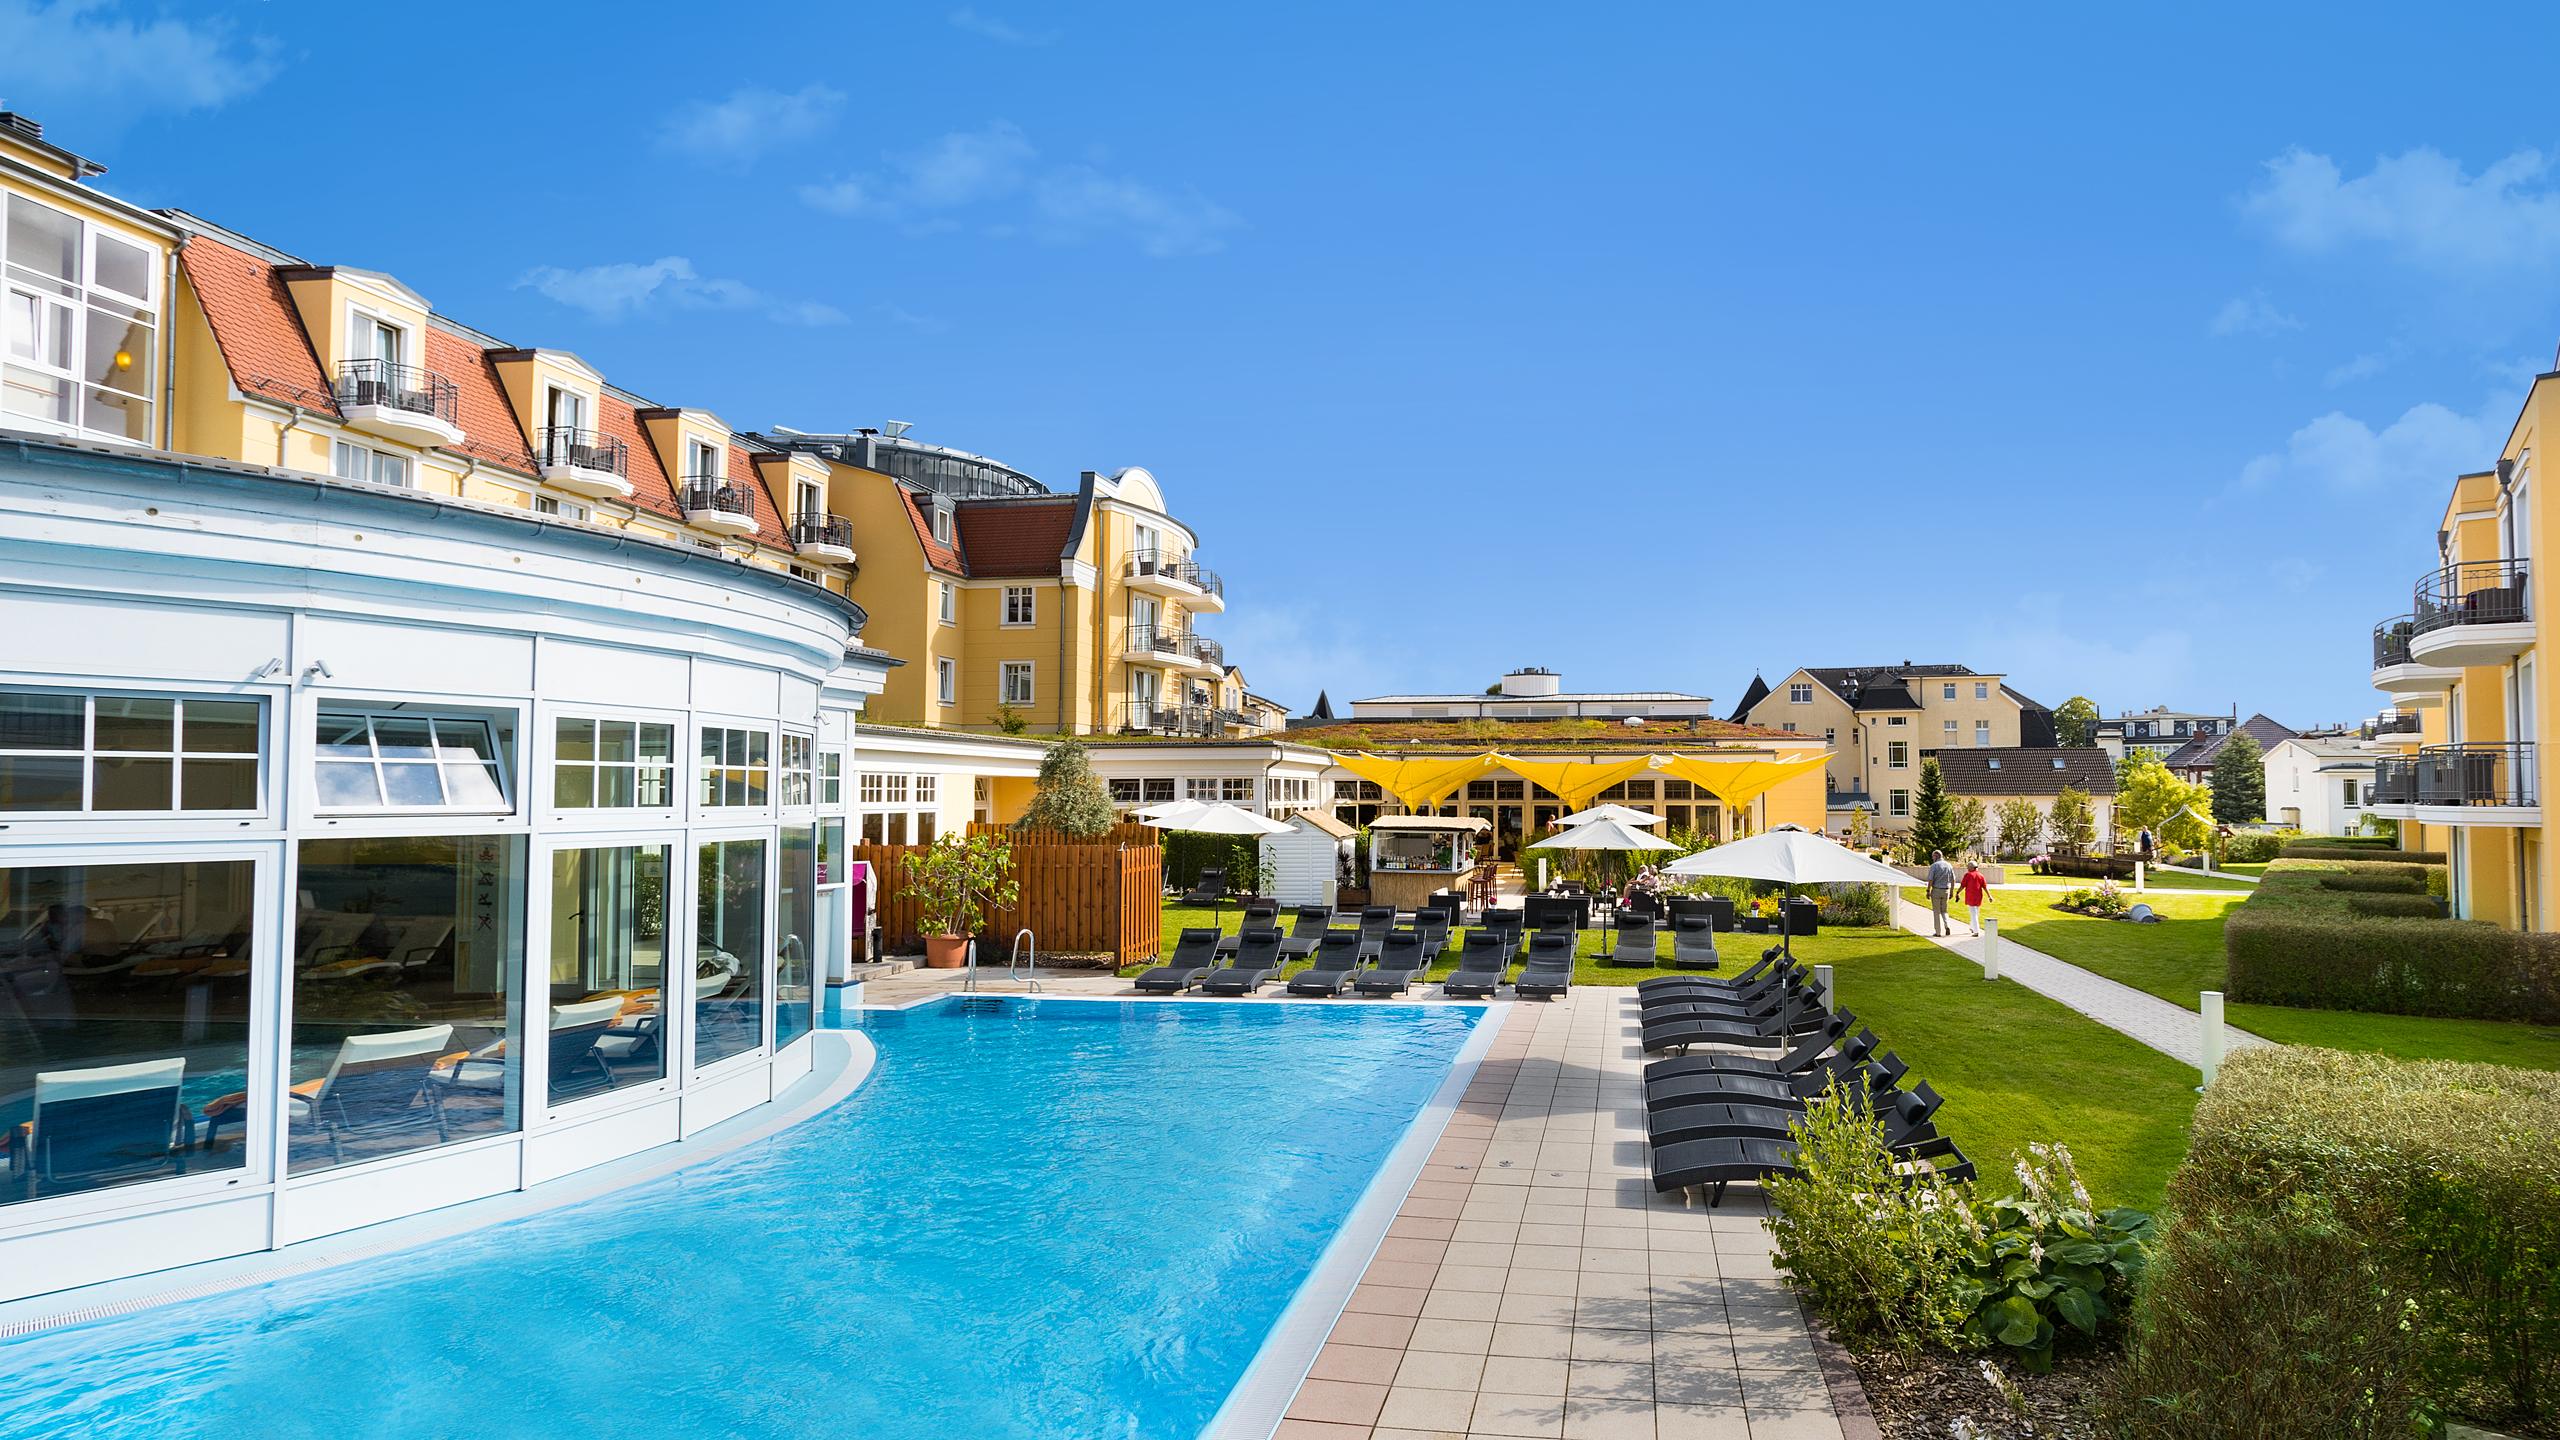 Spa Hotel Zur Post Bansin